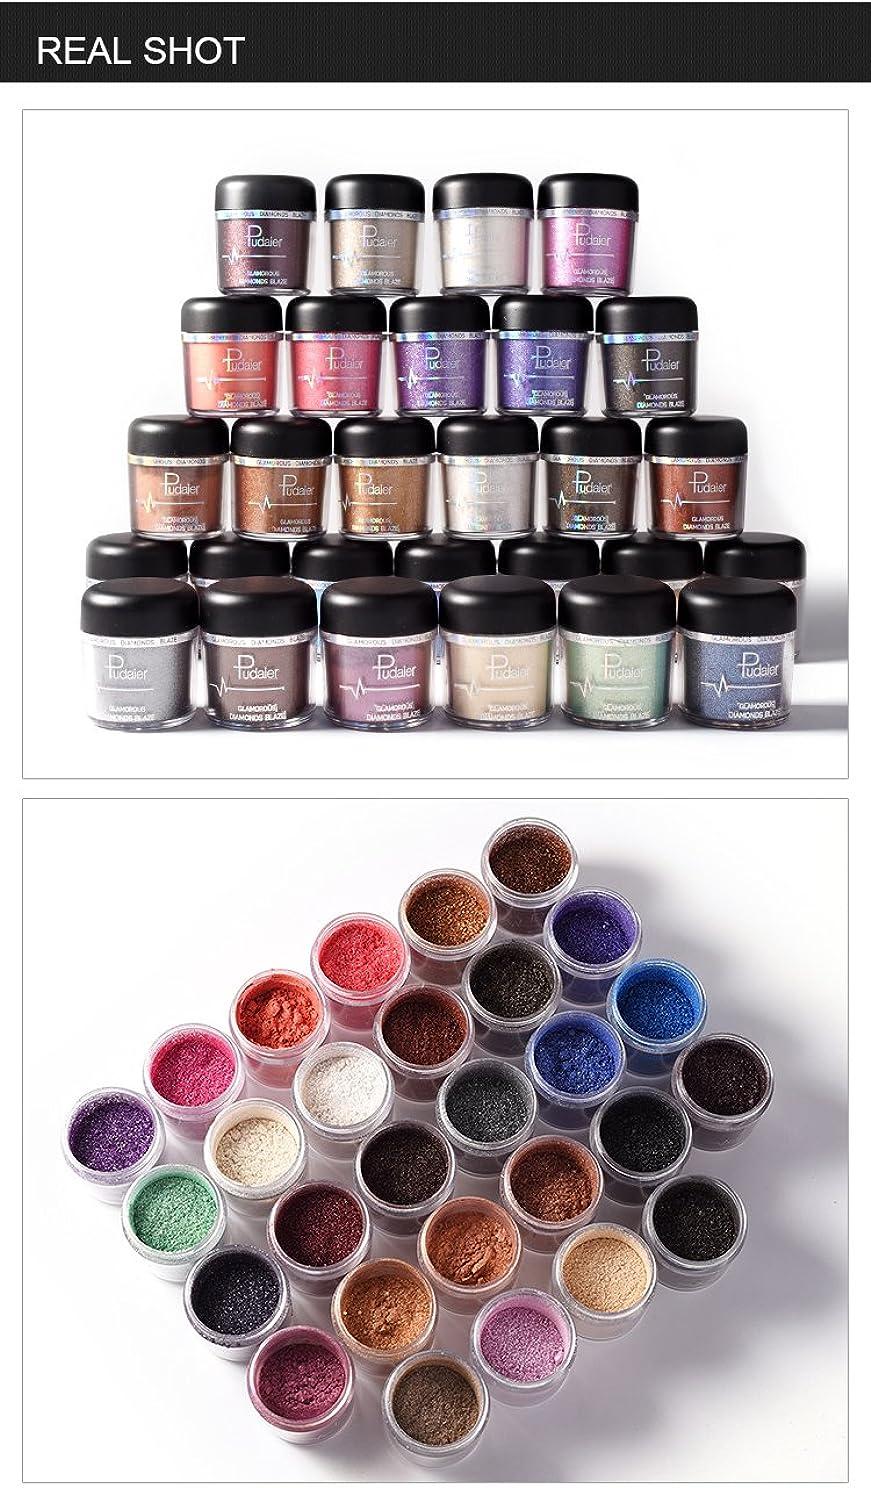 裏切る火傷スキル(#16) Glitter Powder Eyeshadow Single Metallic Color Pigments Eye Shadow Easy to Wear Waterproof Shimmer Cosmetics